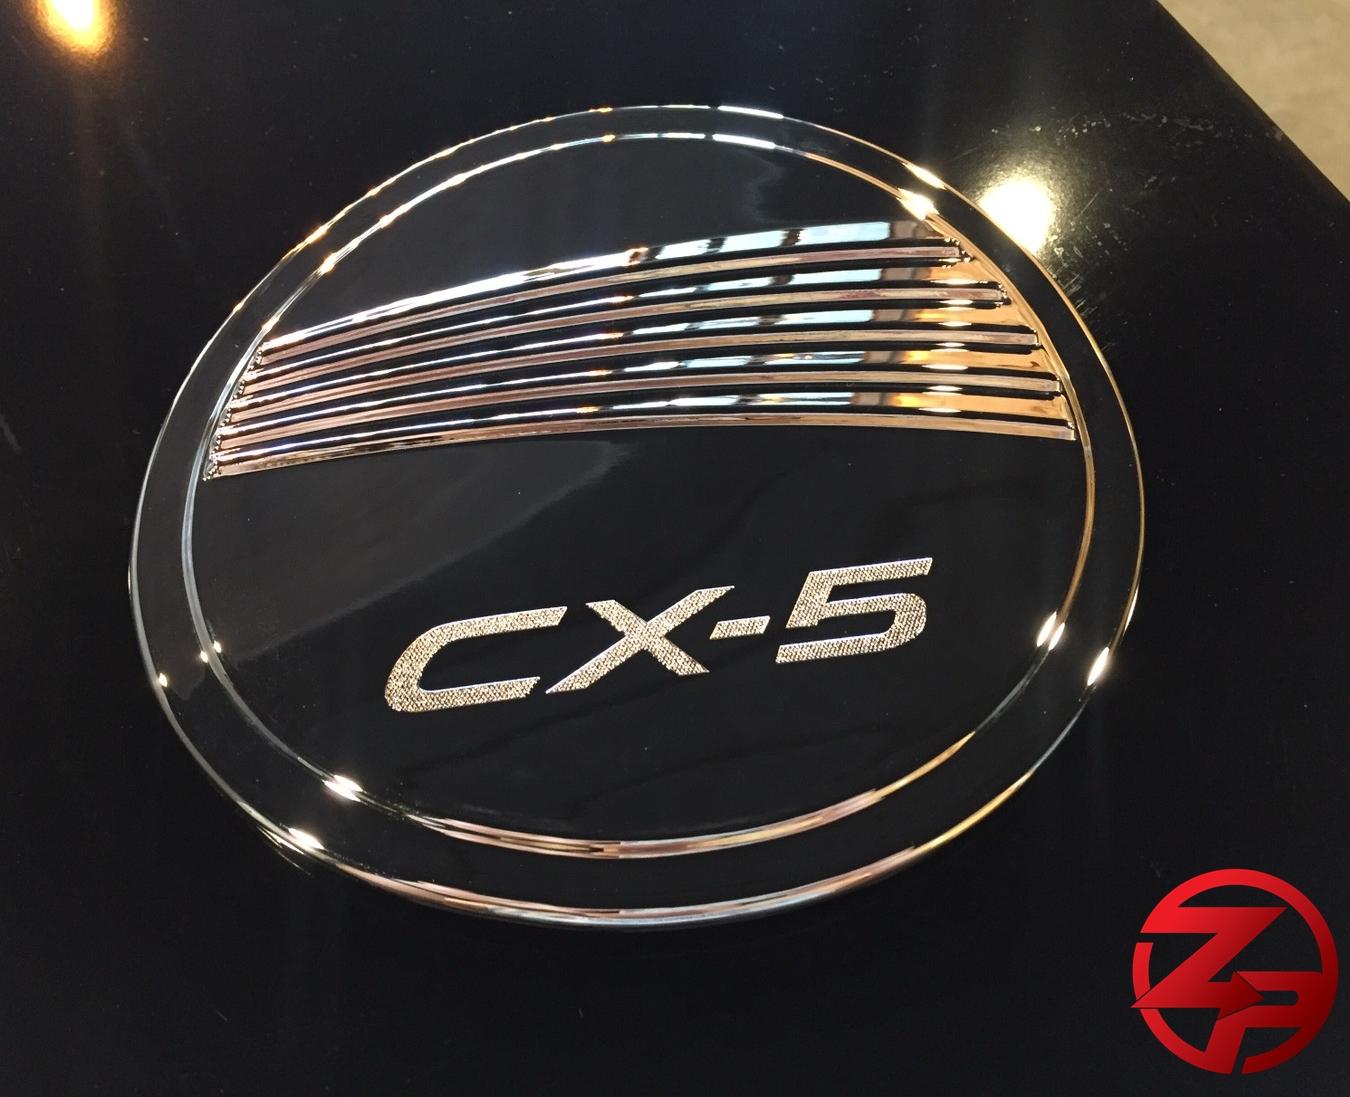 ครอบฝาถังน้ำมัน CX-5